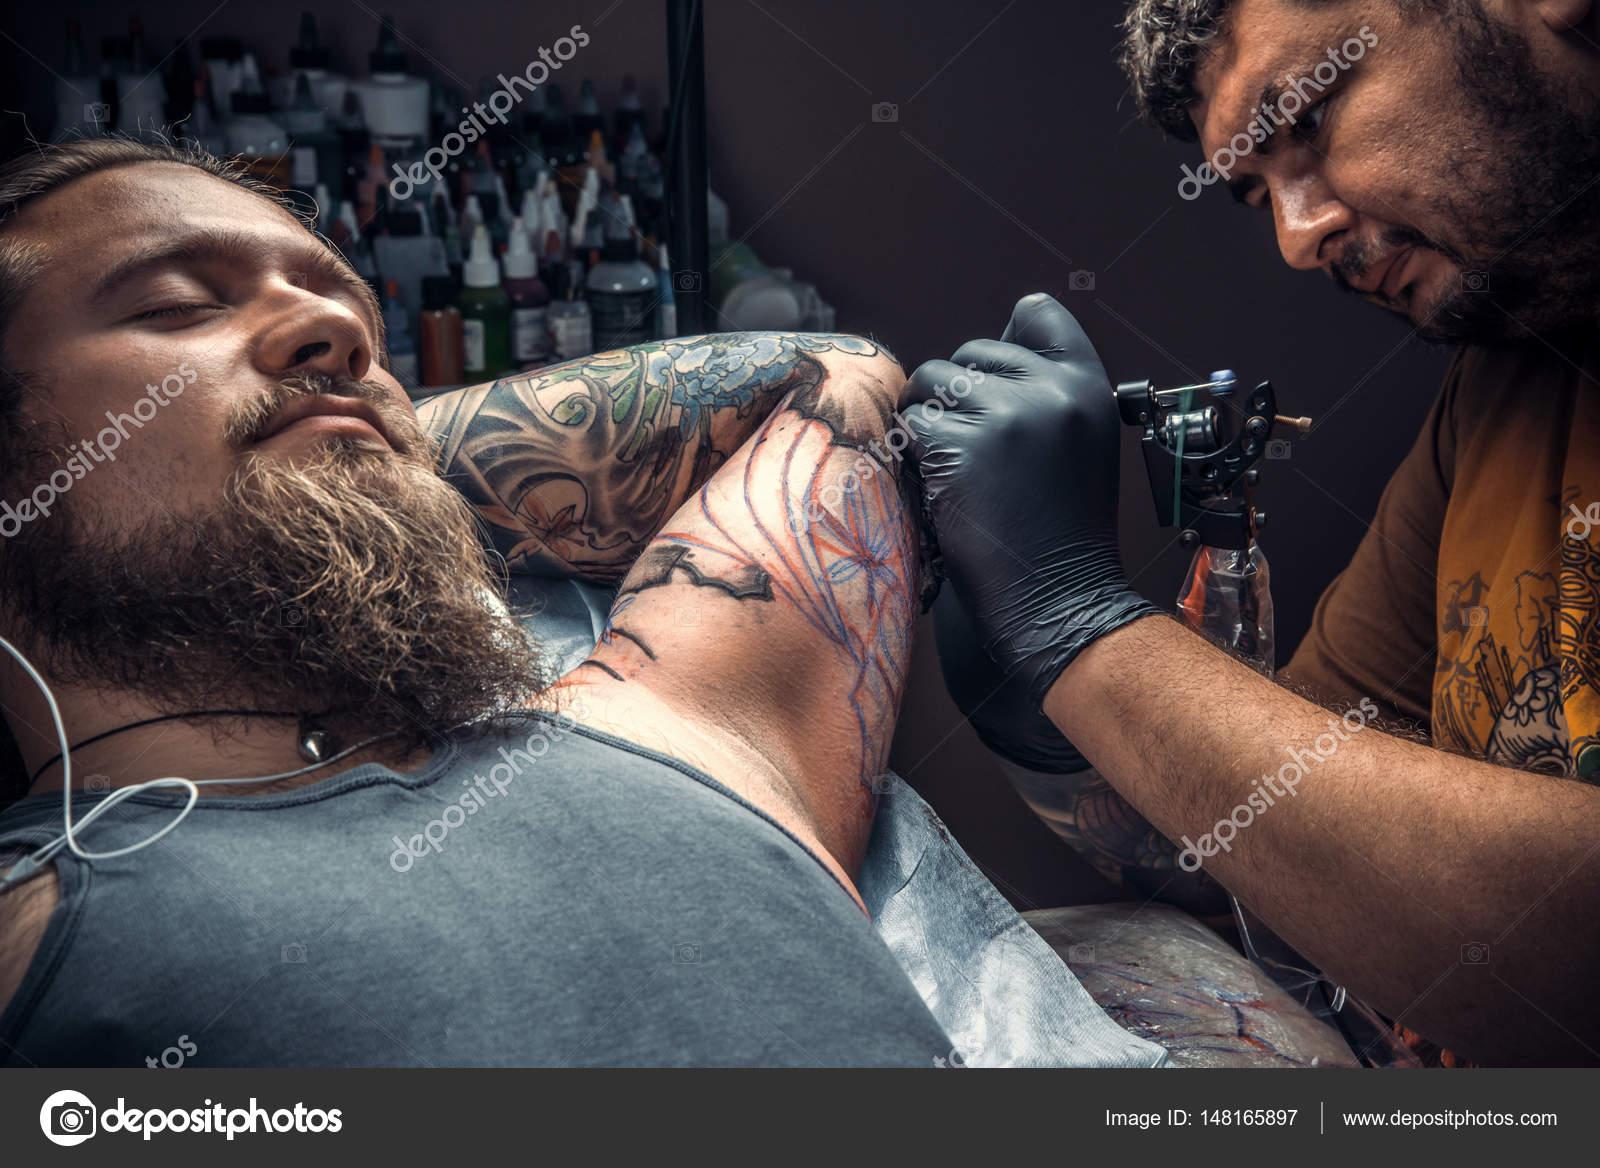 49843872f Tattoo master create tattoo in tattoo parlour./Professional tattoo artist  makes cool tattoo in tattoo studio.